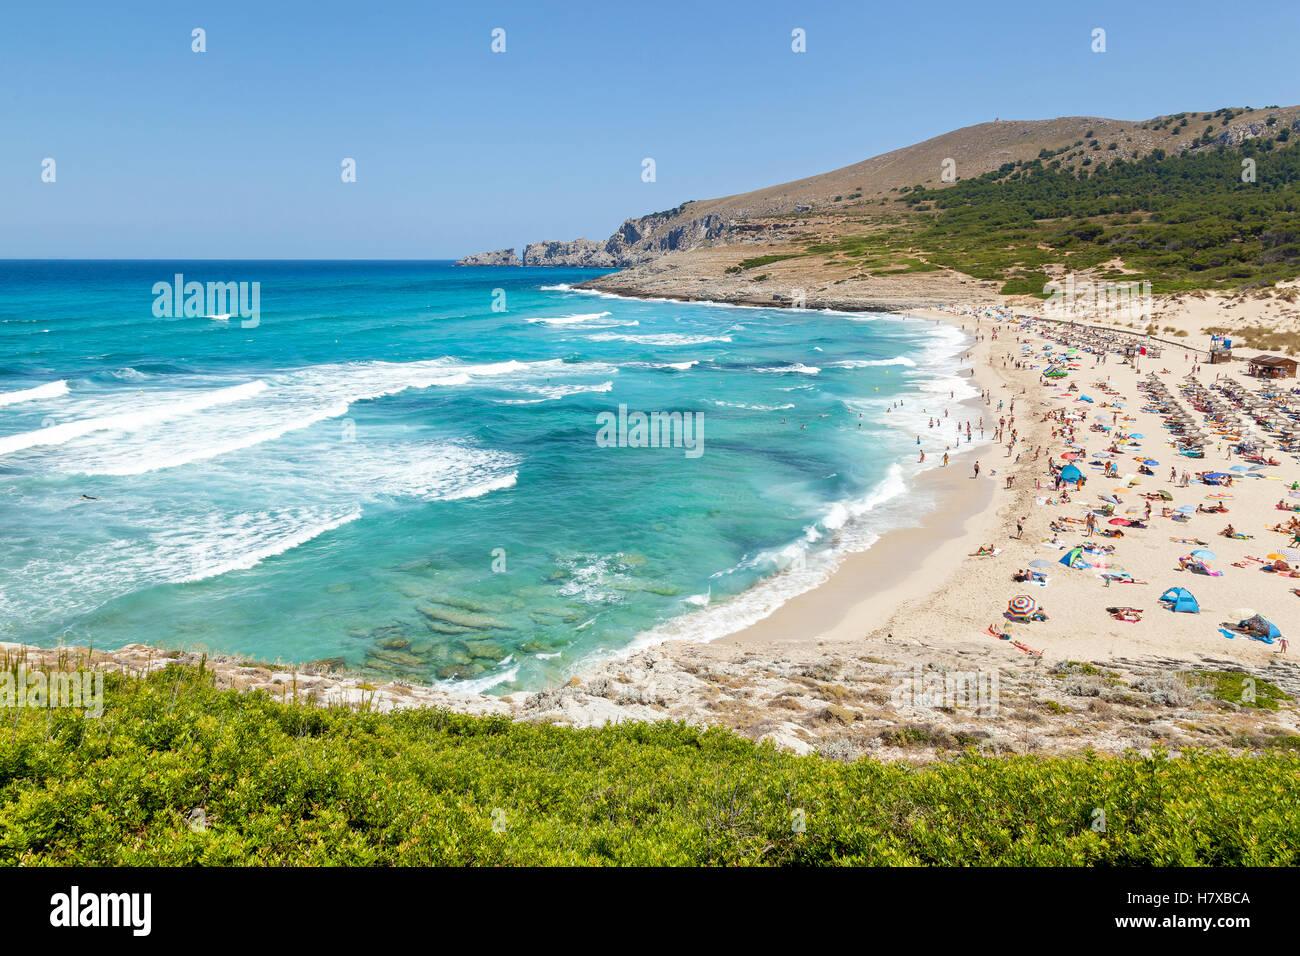 Côte d'azur de Mallorca avec plage, mer passionnant peuplé, ciel sans nuages, montagnes et une émeute Photo Stock